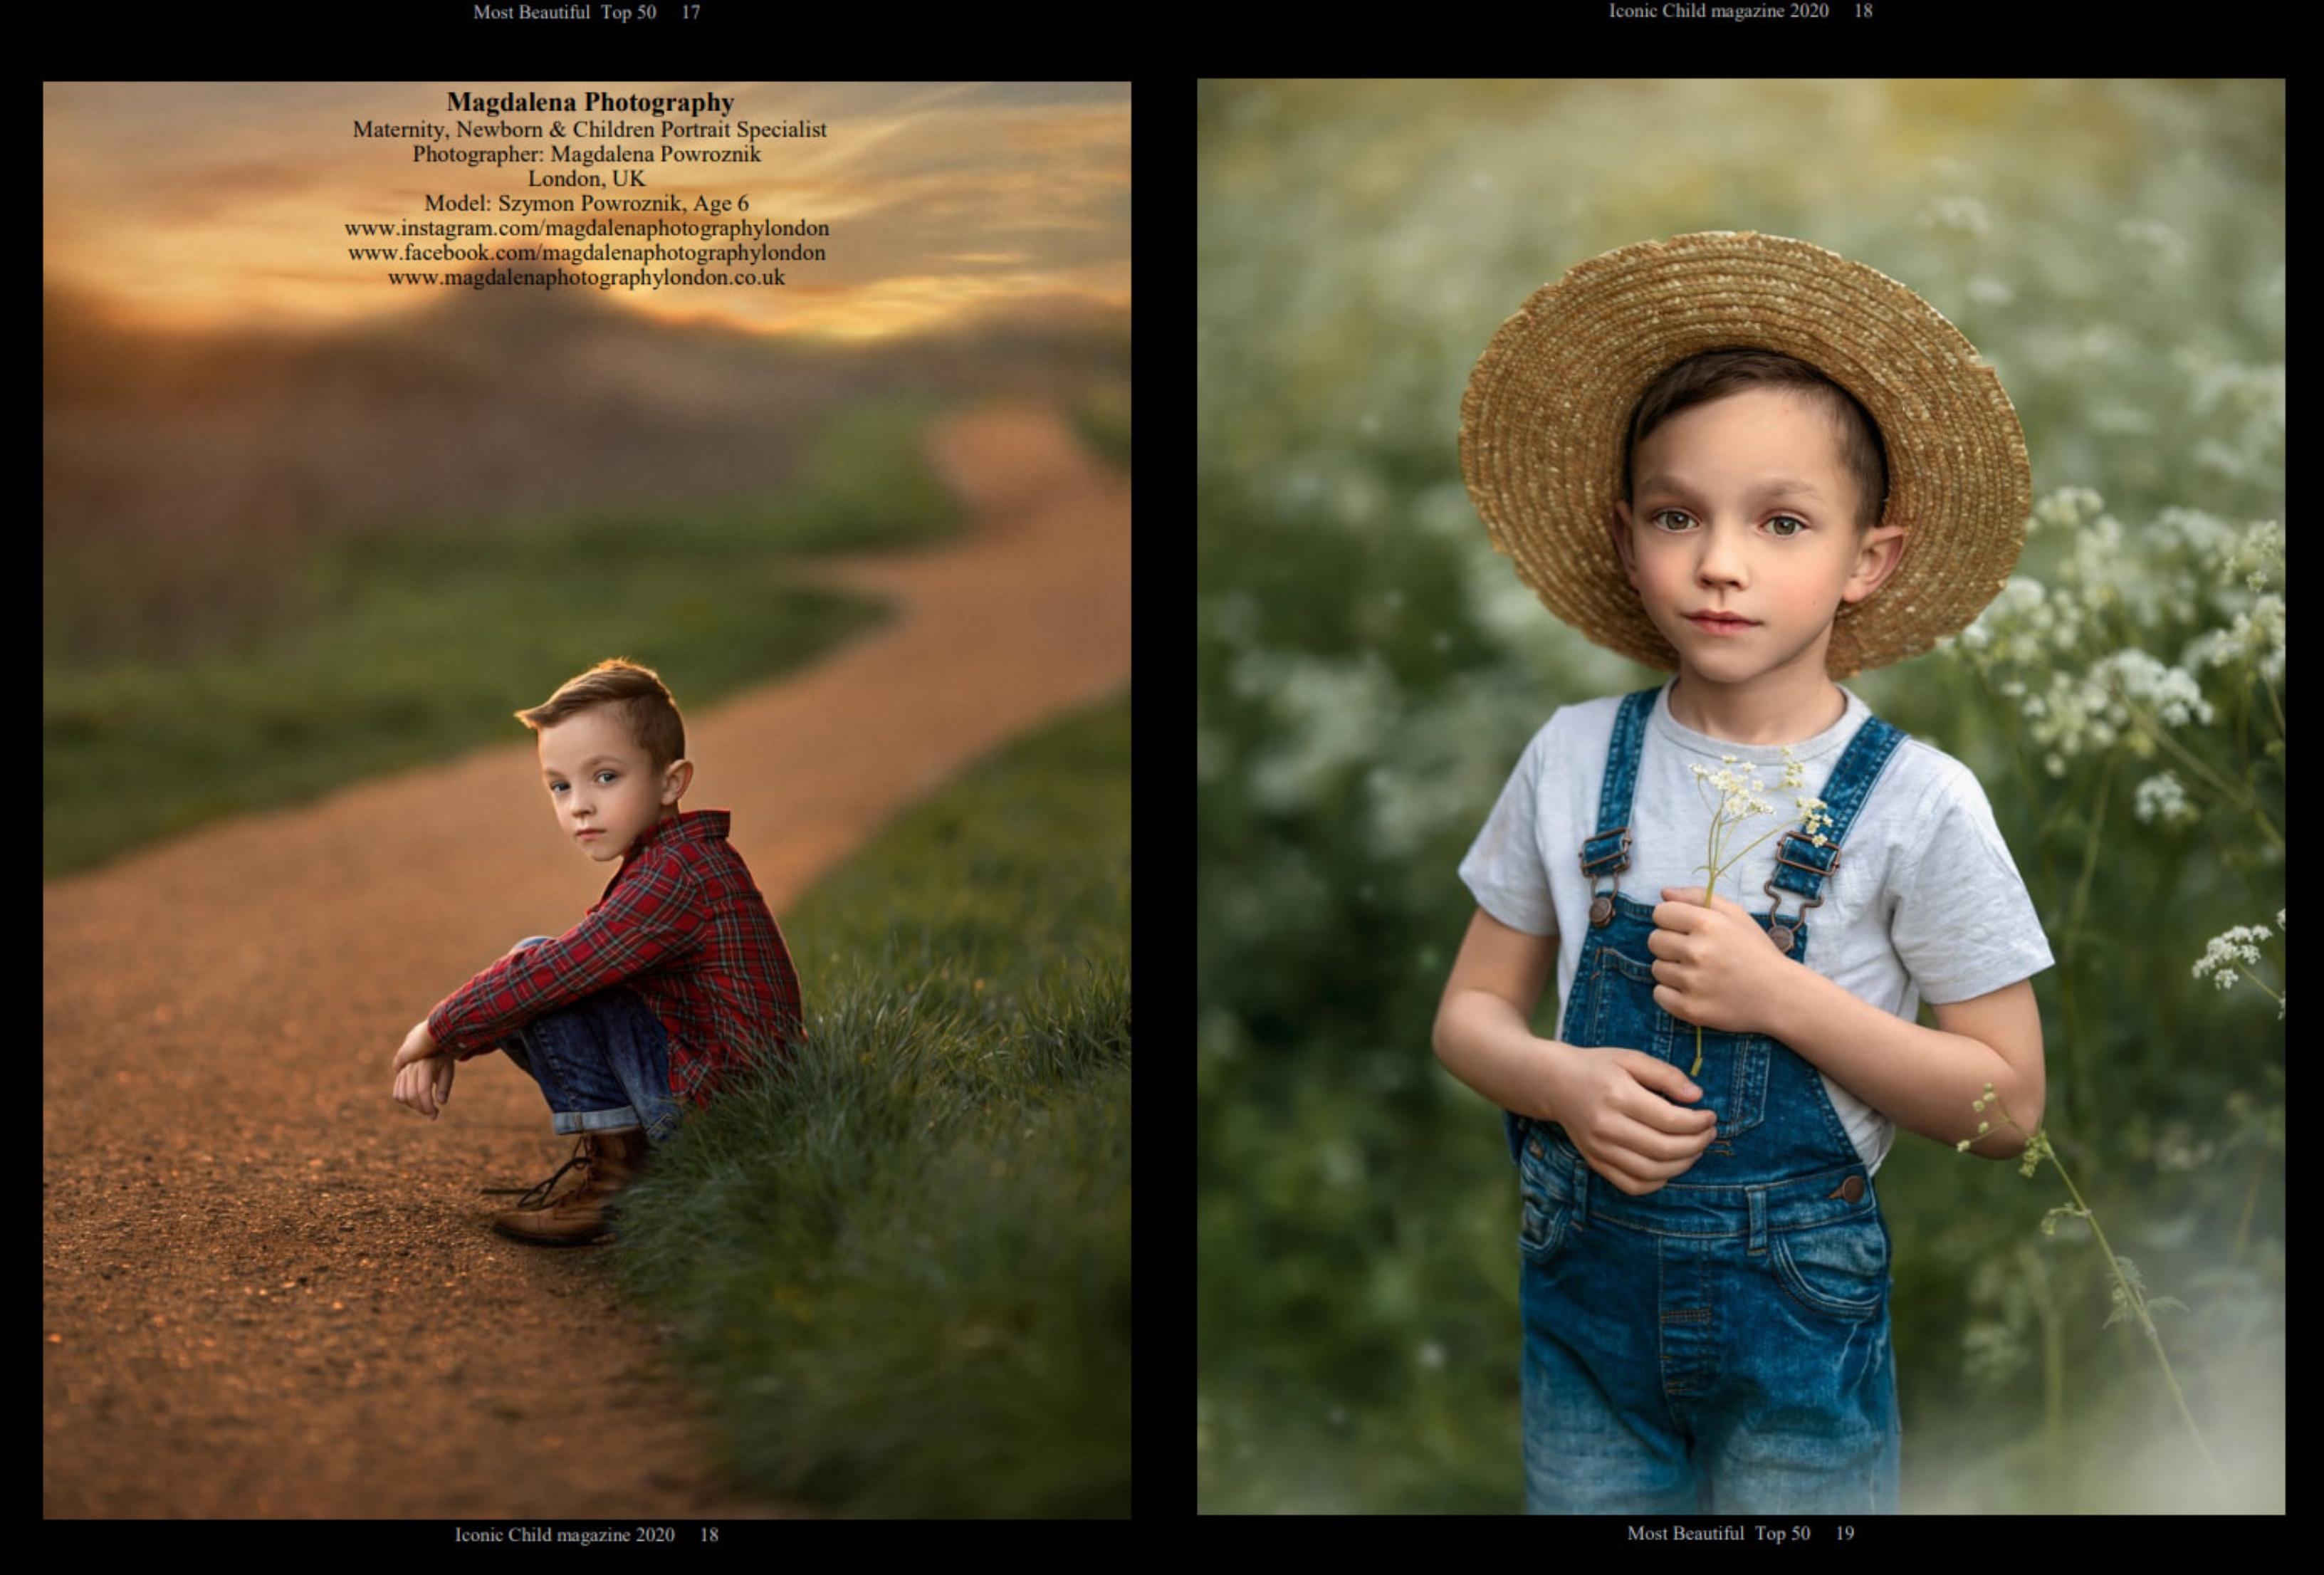 Iconic Child Magazine